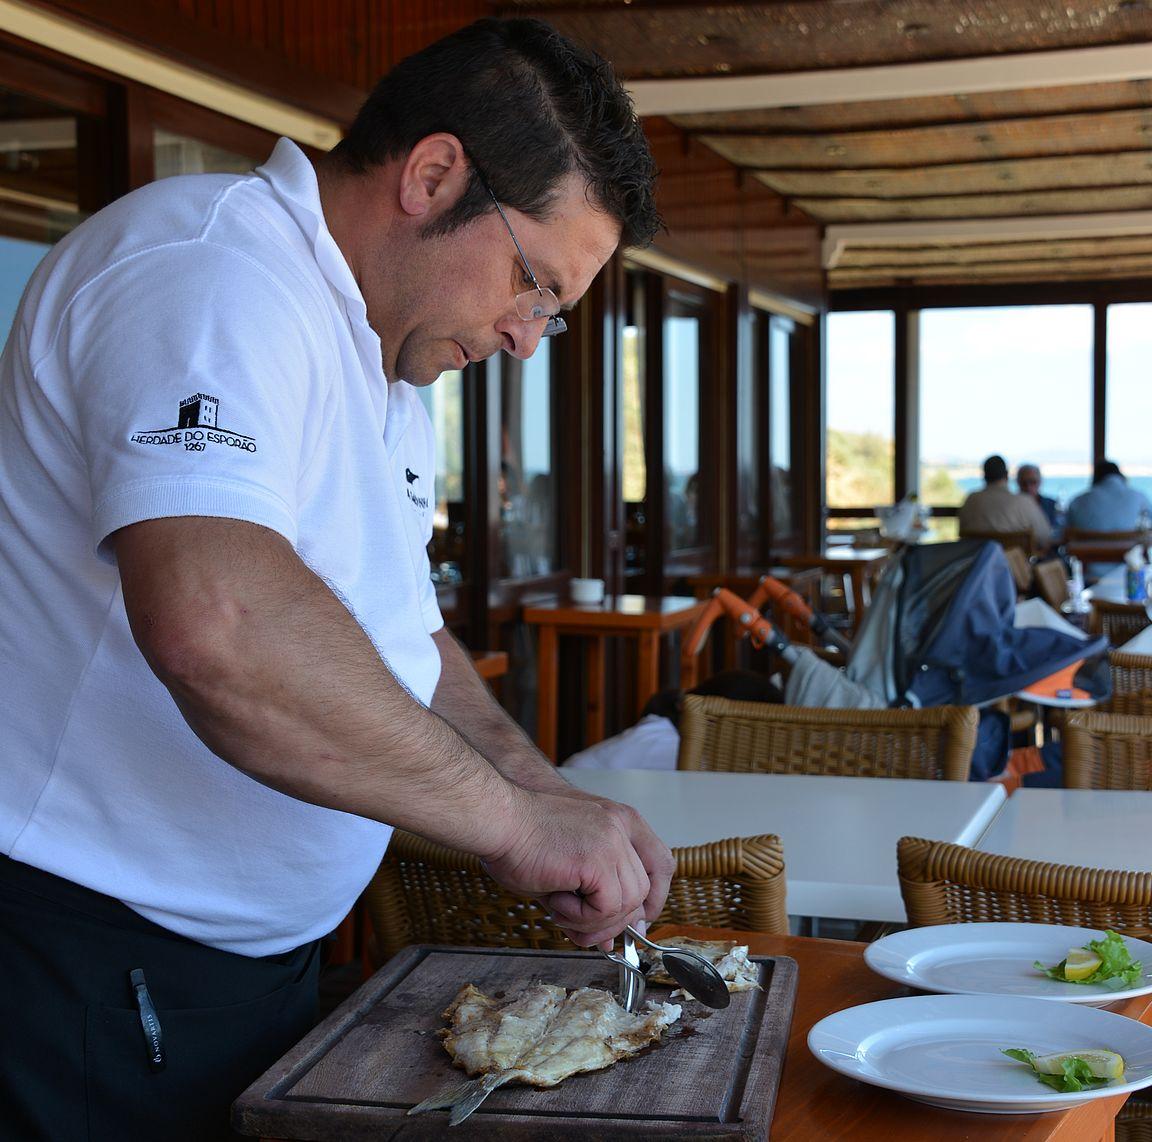 Kala-annokset rakennetaan lautaselle tyypilliseen algarvelaiseen tapaan asiakkaan silmien edessä.